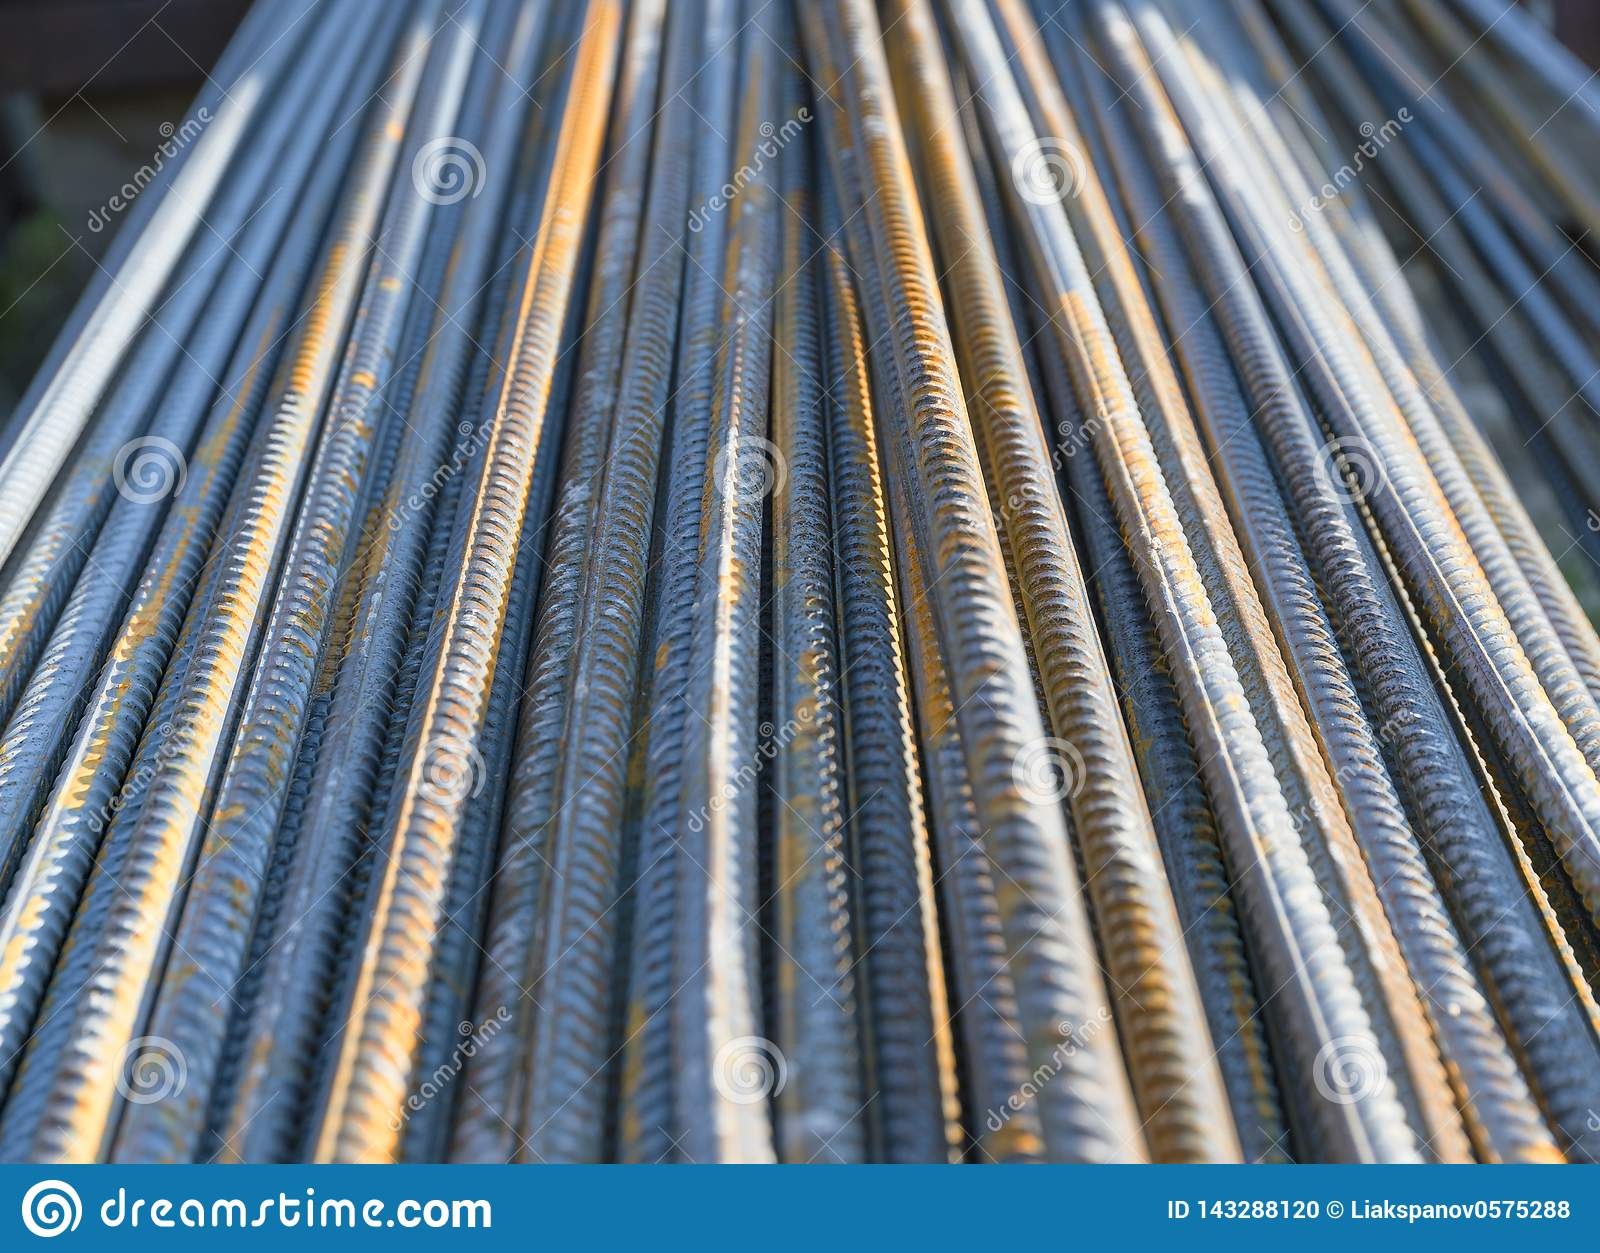 Versterk de staaf van het staalijzer